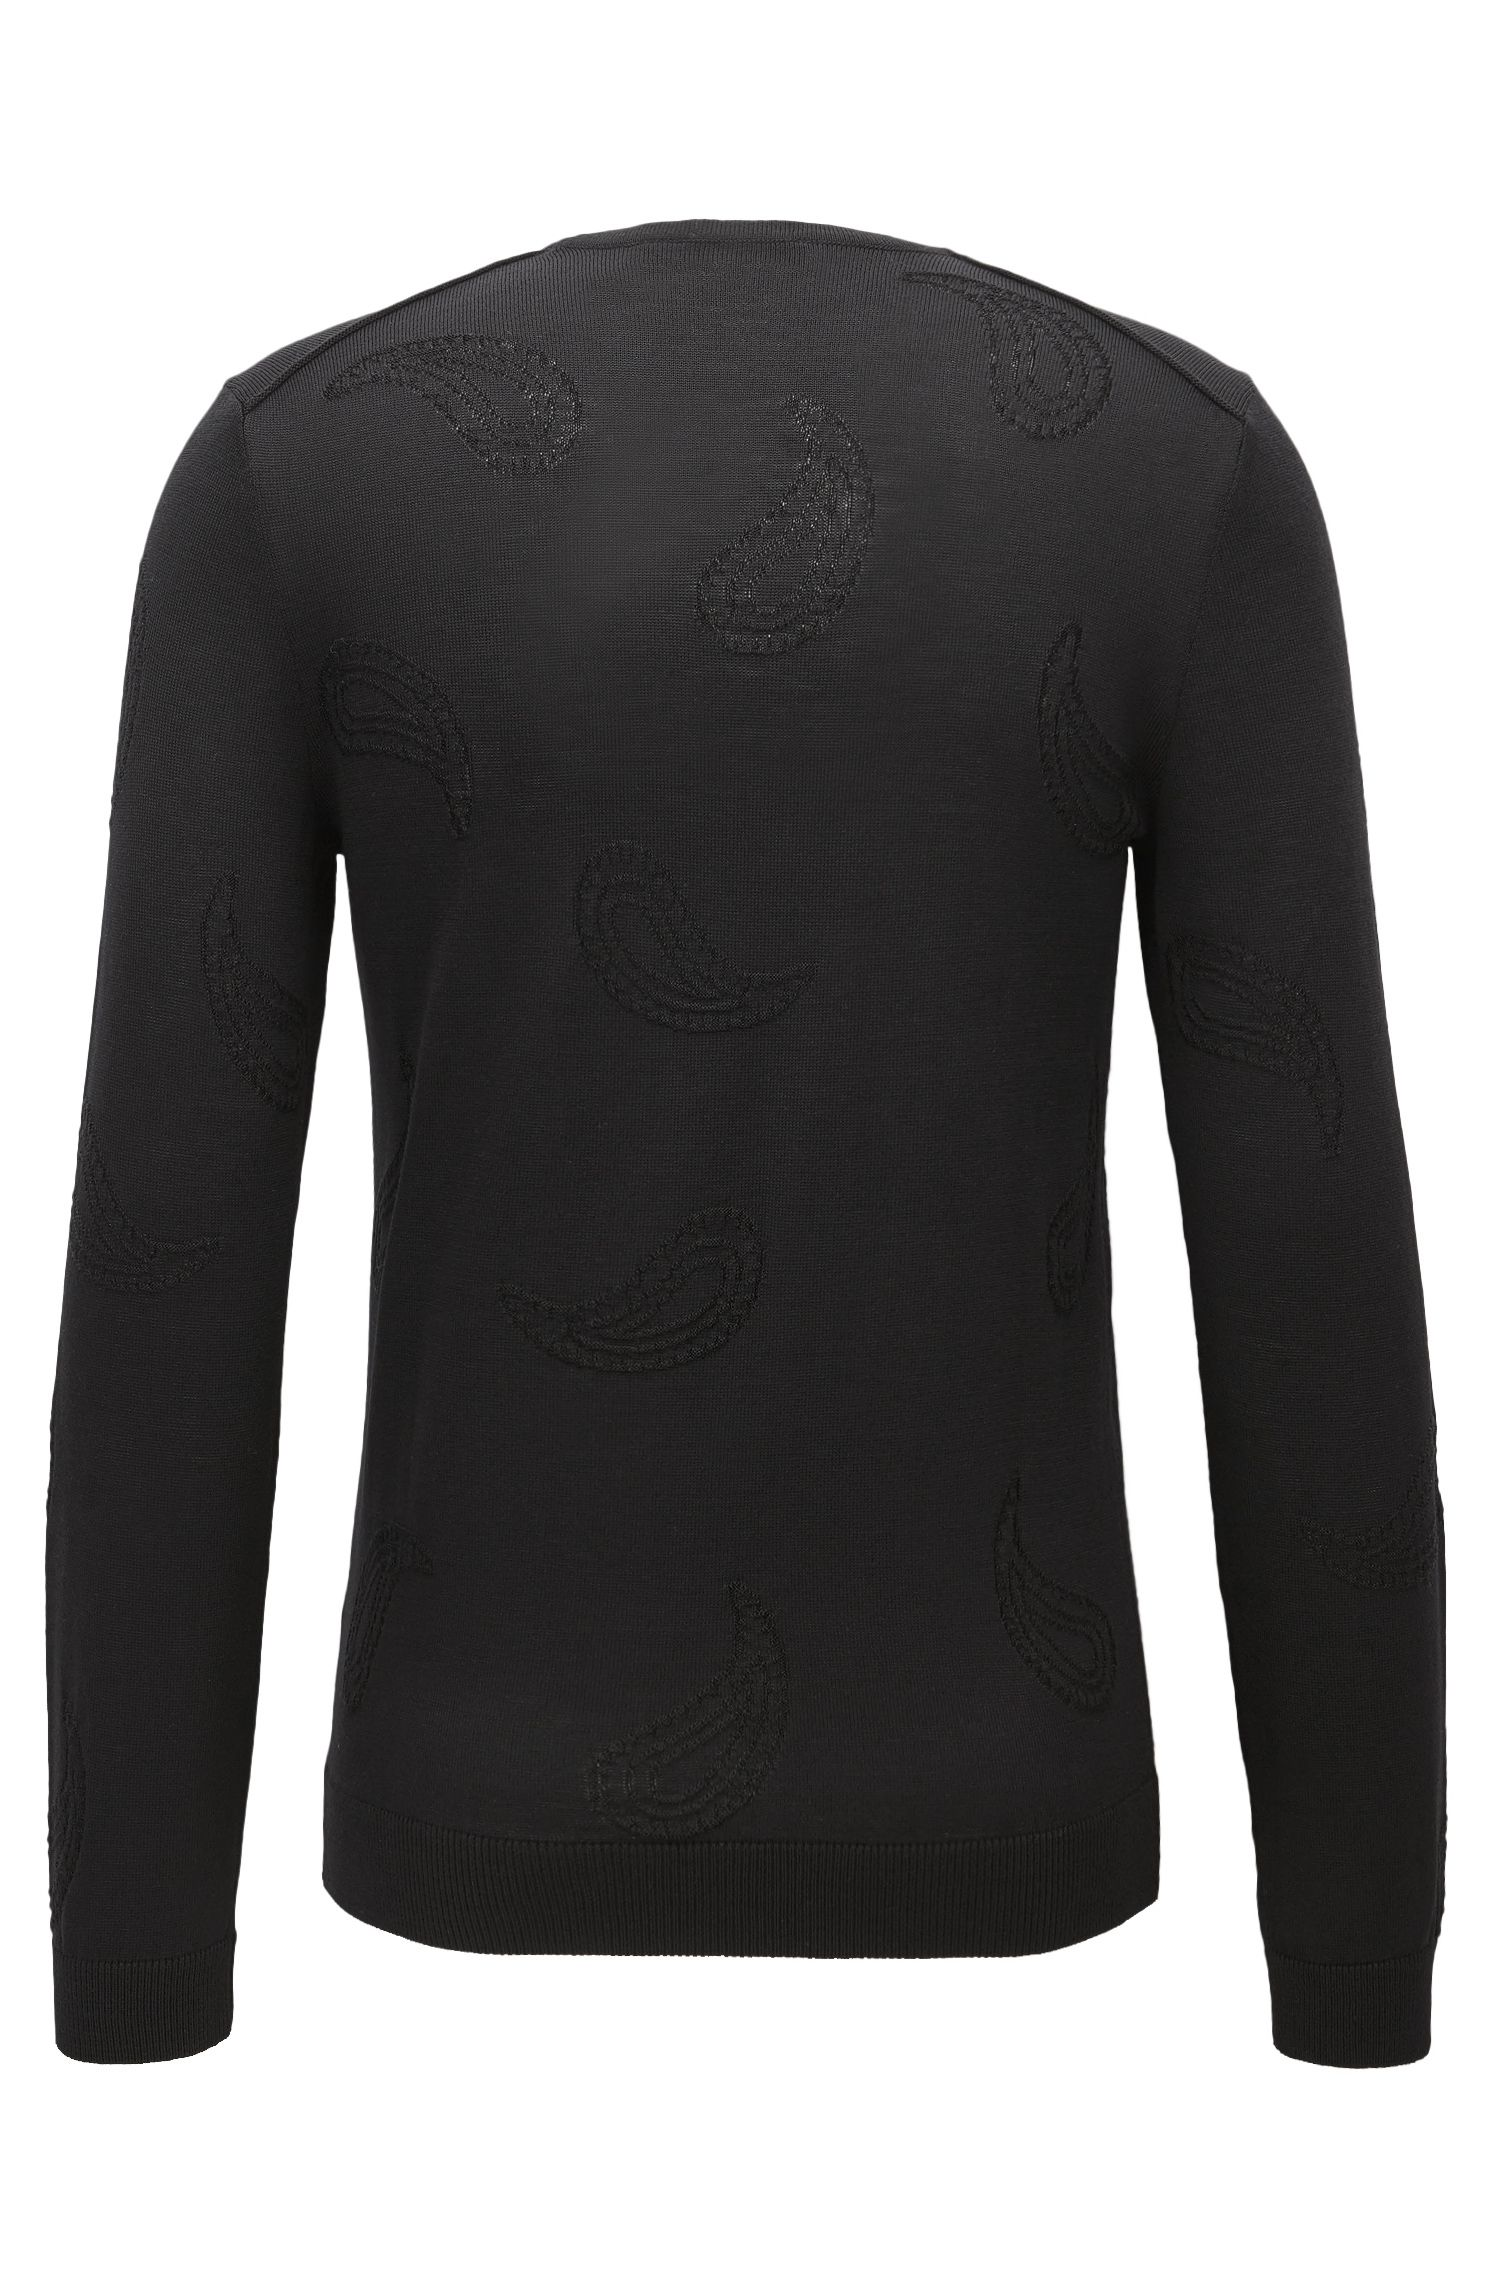 Paisley Jacquard Extra-Fine Merino Sweater   Pontes